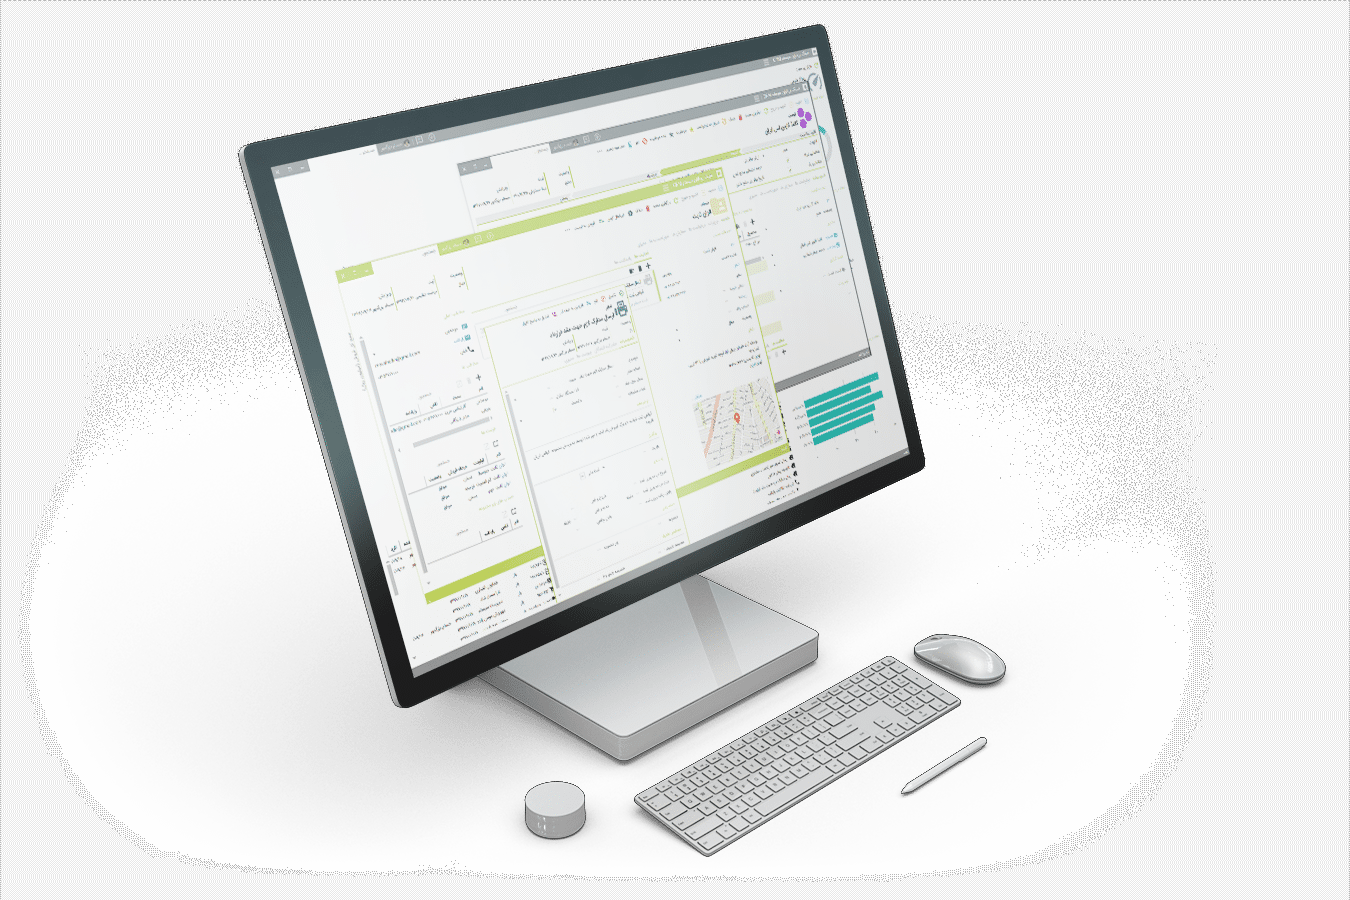 نمایش و دموی نرم افزار مدیریت ارتباط با مشتری CRM